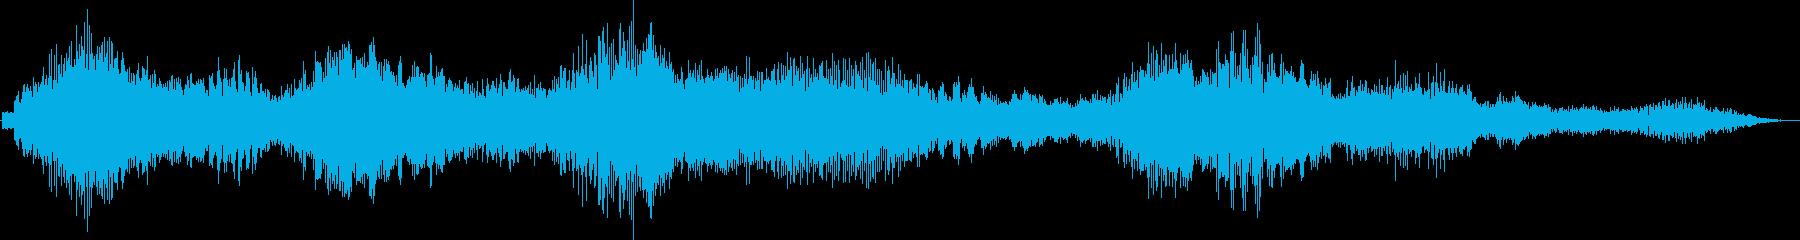 続く不気味なドローンの管状中空ノイズの再生済みの波形